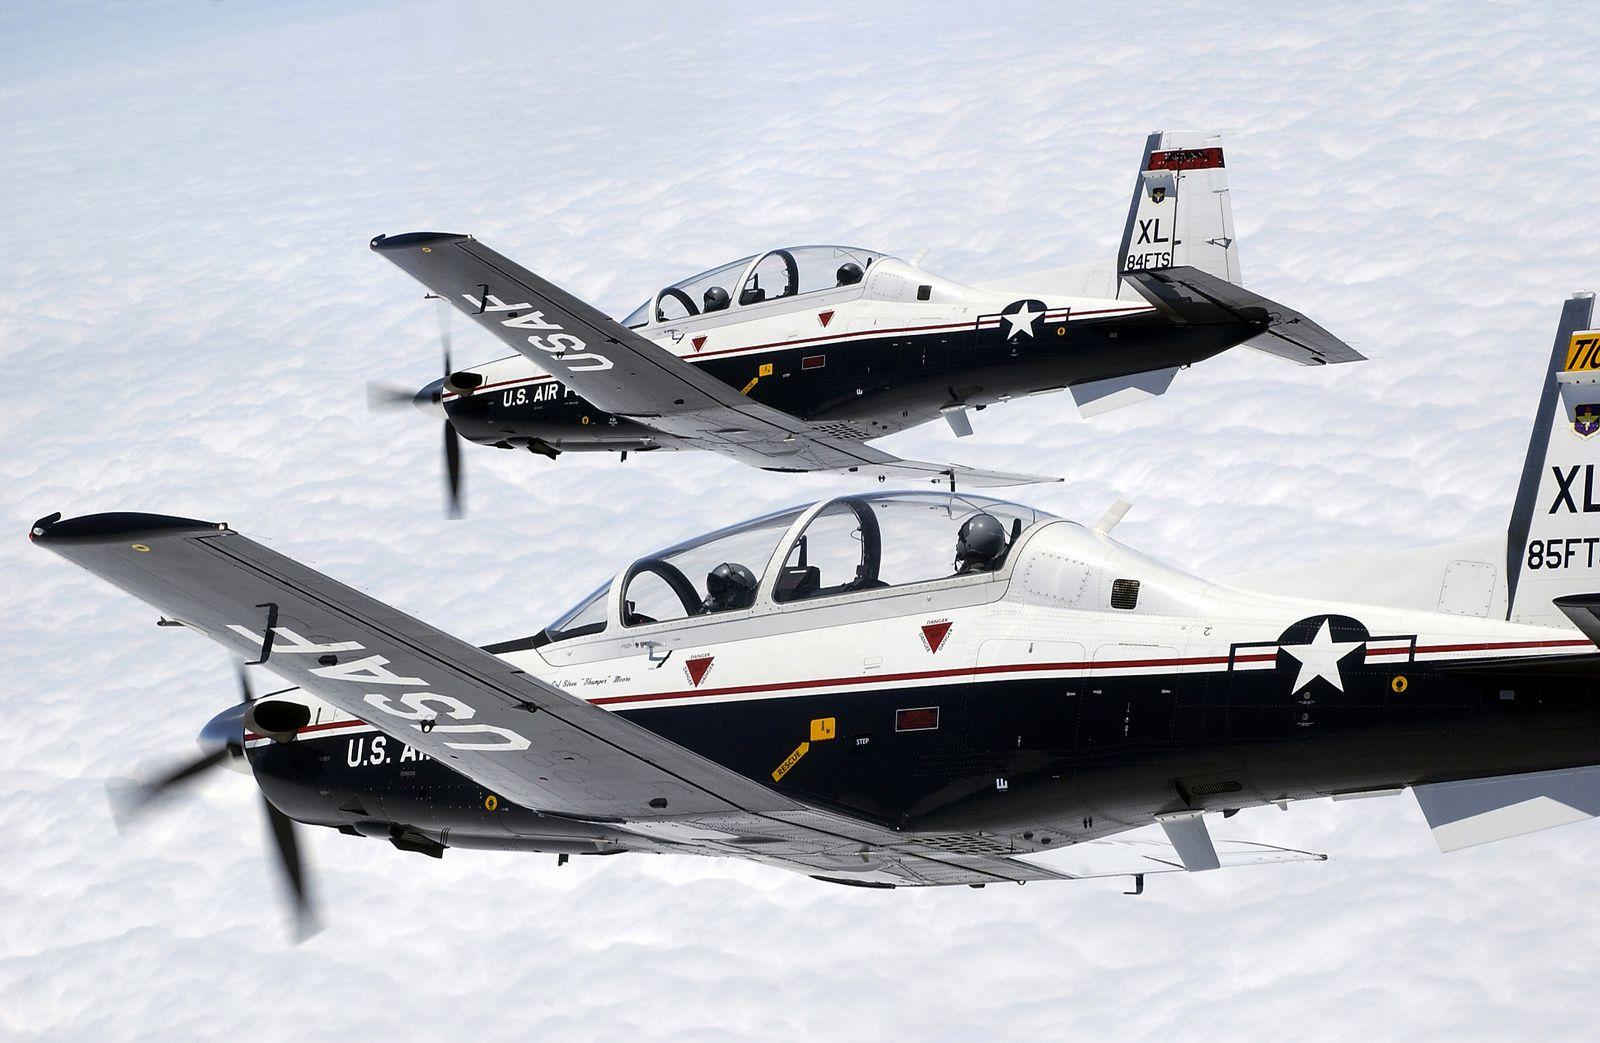 © USAF - Deux T-6A Texan II de l'US Air Force, utilisé comme avion d'entraînement de base.